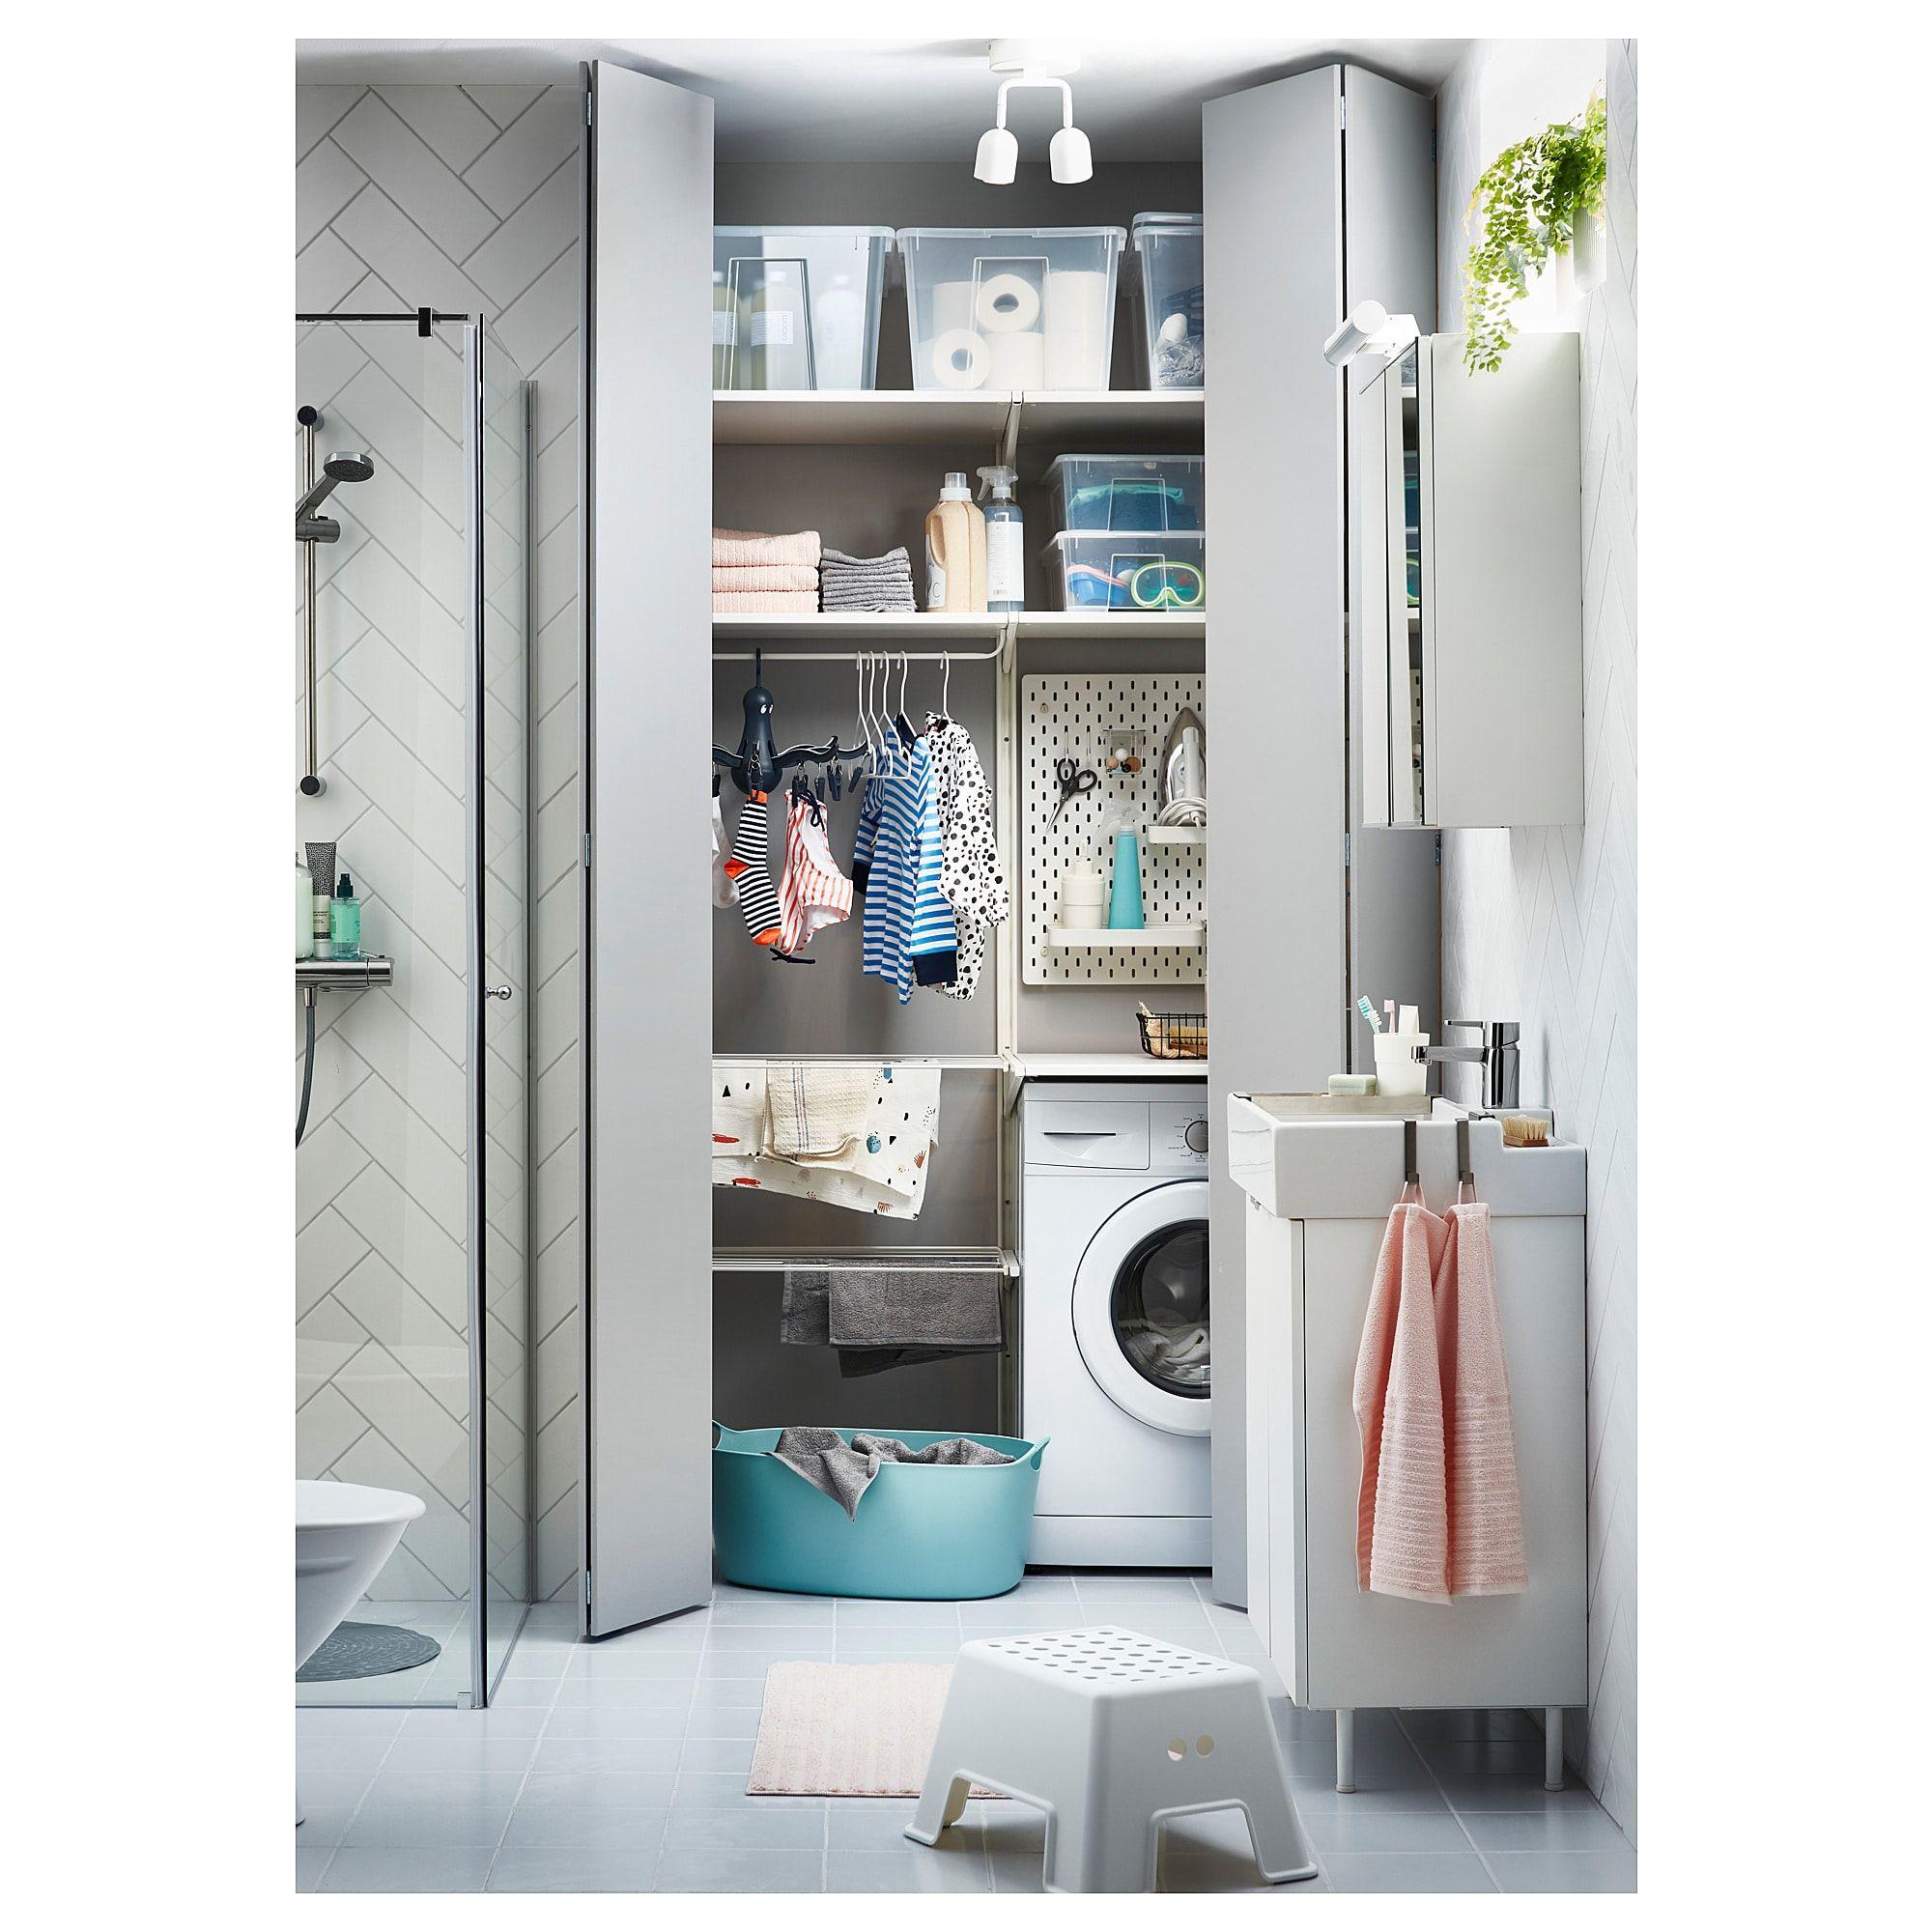 Algot Drying Rack White 23 5 8 60 Cm Avec Images Amenagement Buanderie Etendoir Linge Buanderie